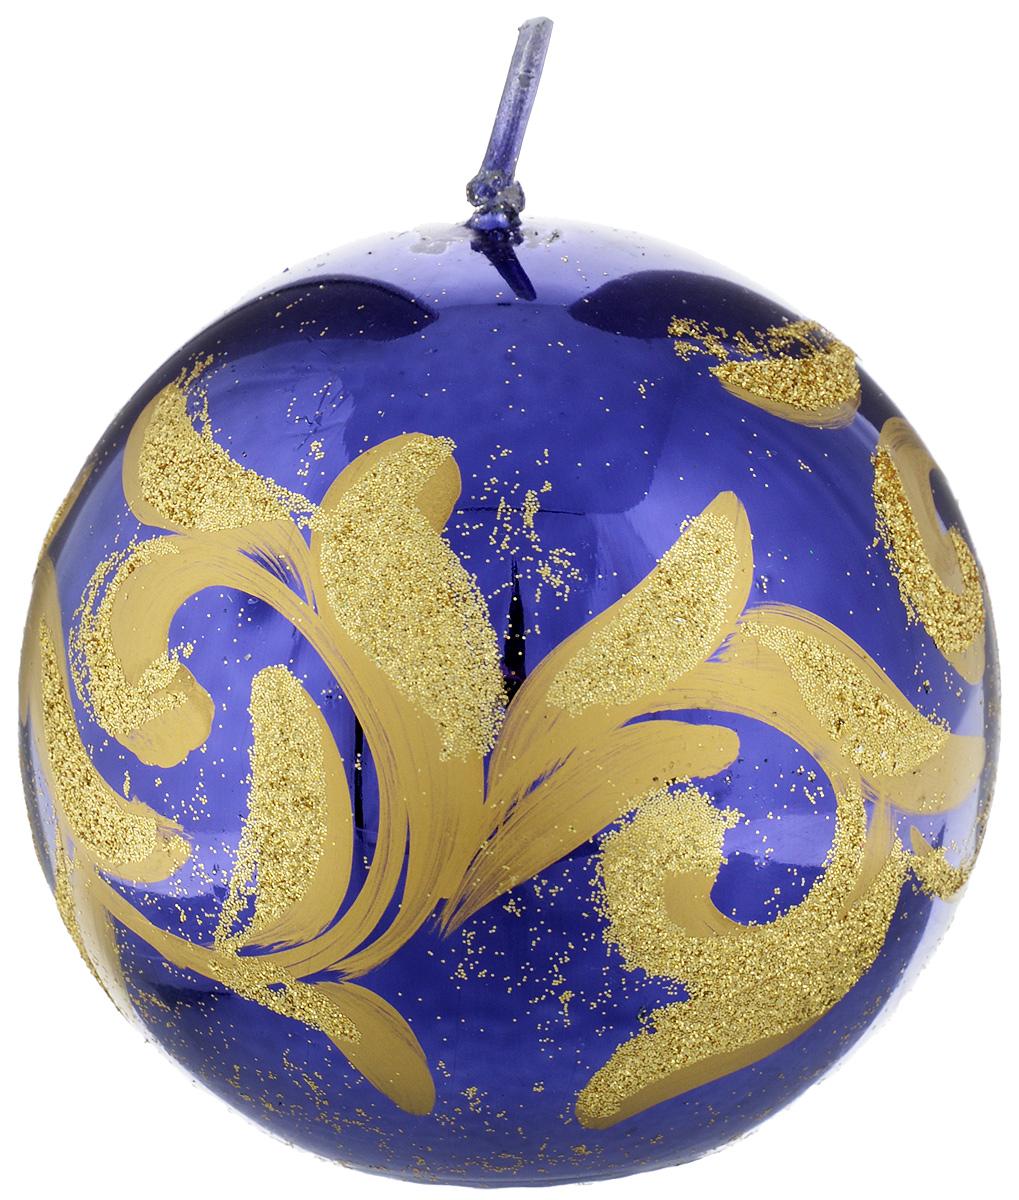 Свеча-шар Fem Флоренция, цвет: фиолетовый, золотой, диаметр 9 см0011/1917Свеча-шар Fem Флоренция изготовлена из парафина и декорирована изящным узором с блестками. Такая свеча станет изысканным украшением интерьера. Она принесет в ваш дом волшебство и ощущение праздника. Создайте в своем доме атмосферу веселья и радости, и тогда самый обычный день с легкостью превратится в торжество.